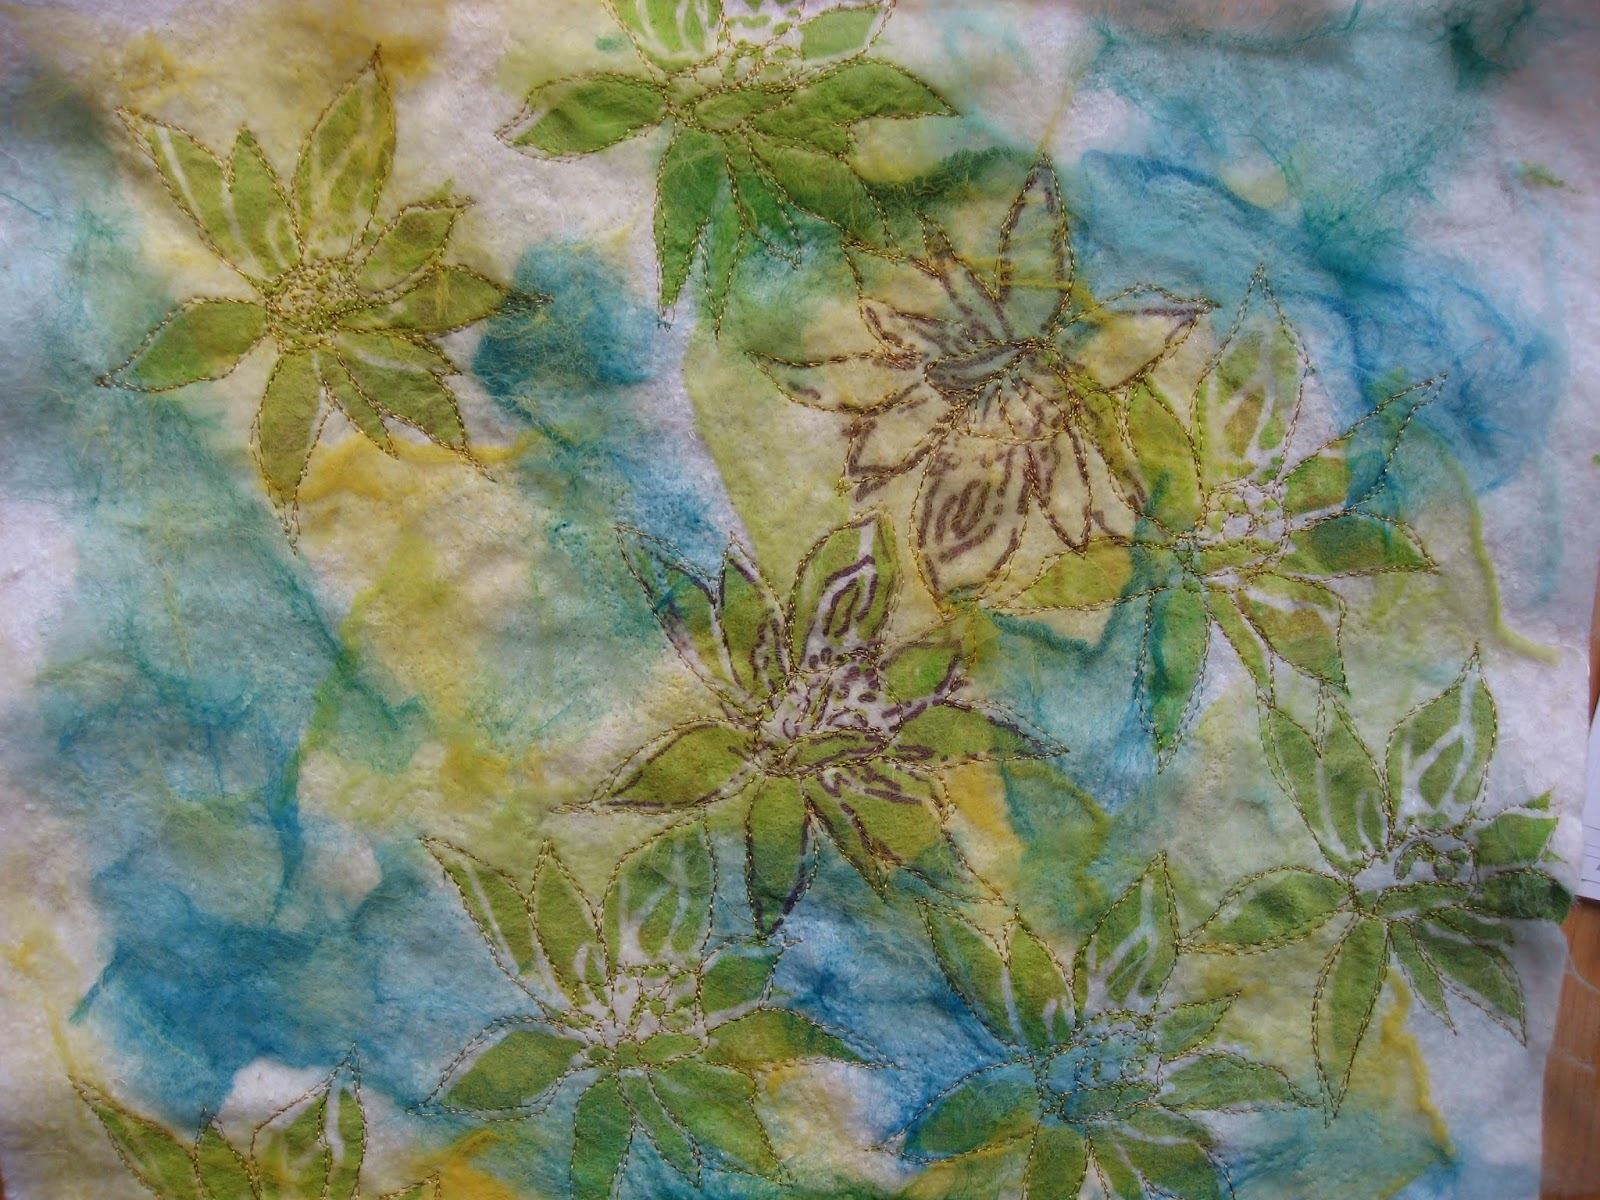 Nähmaschine Zieht Unterfaden Nicht = textile art forum filzlust  experimente mit der